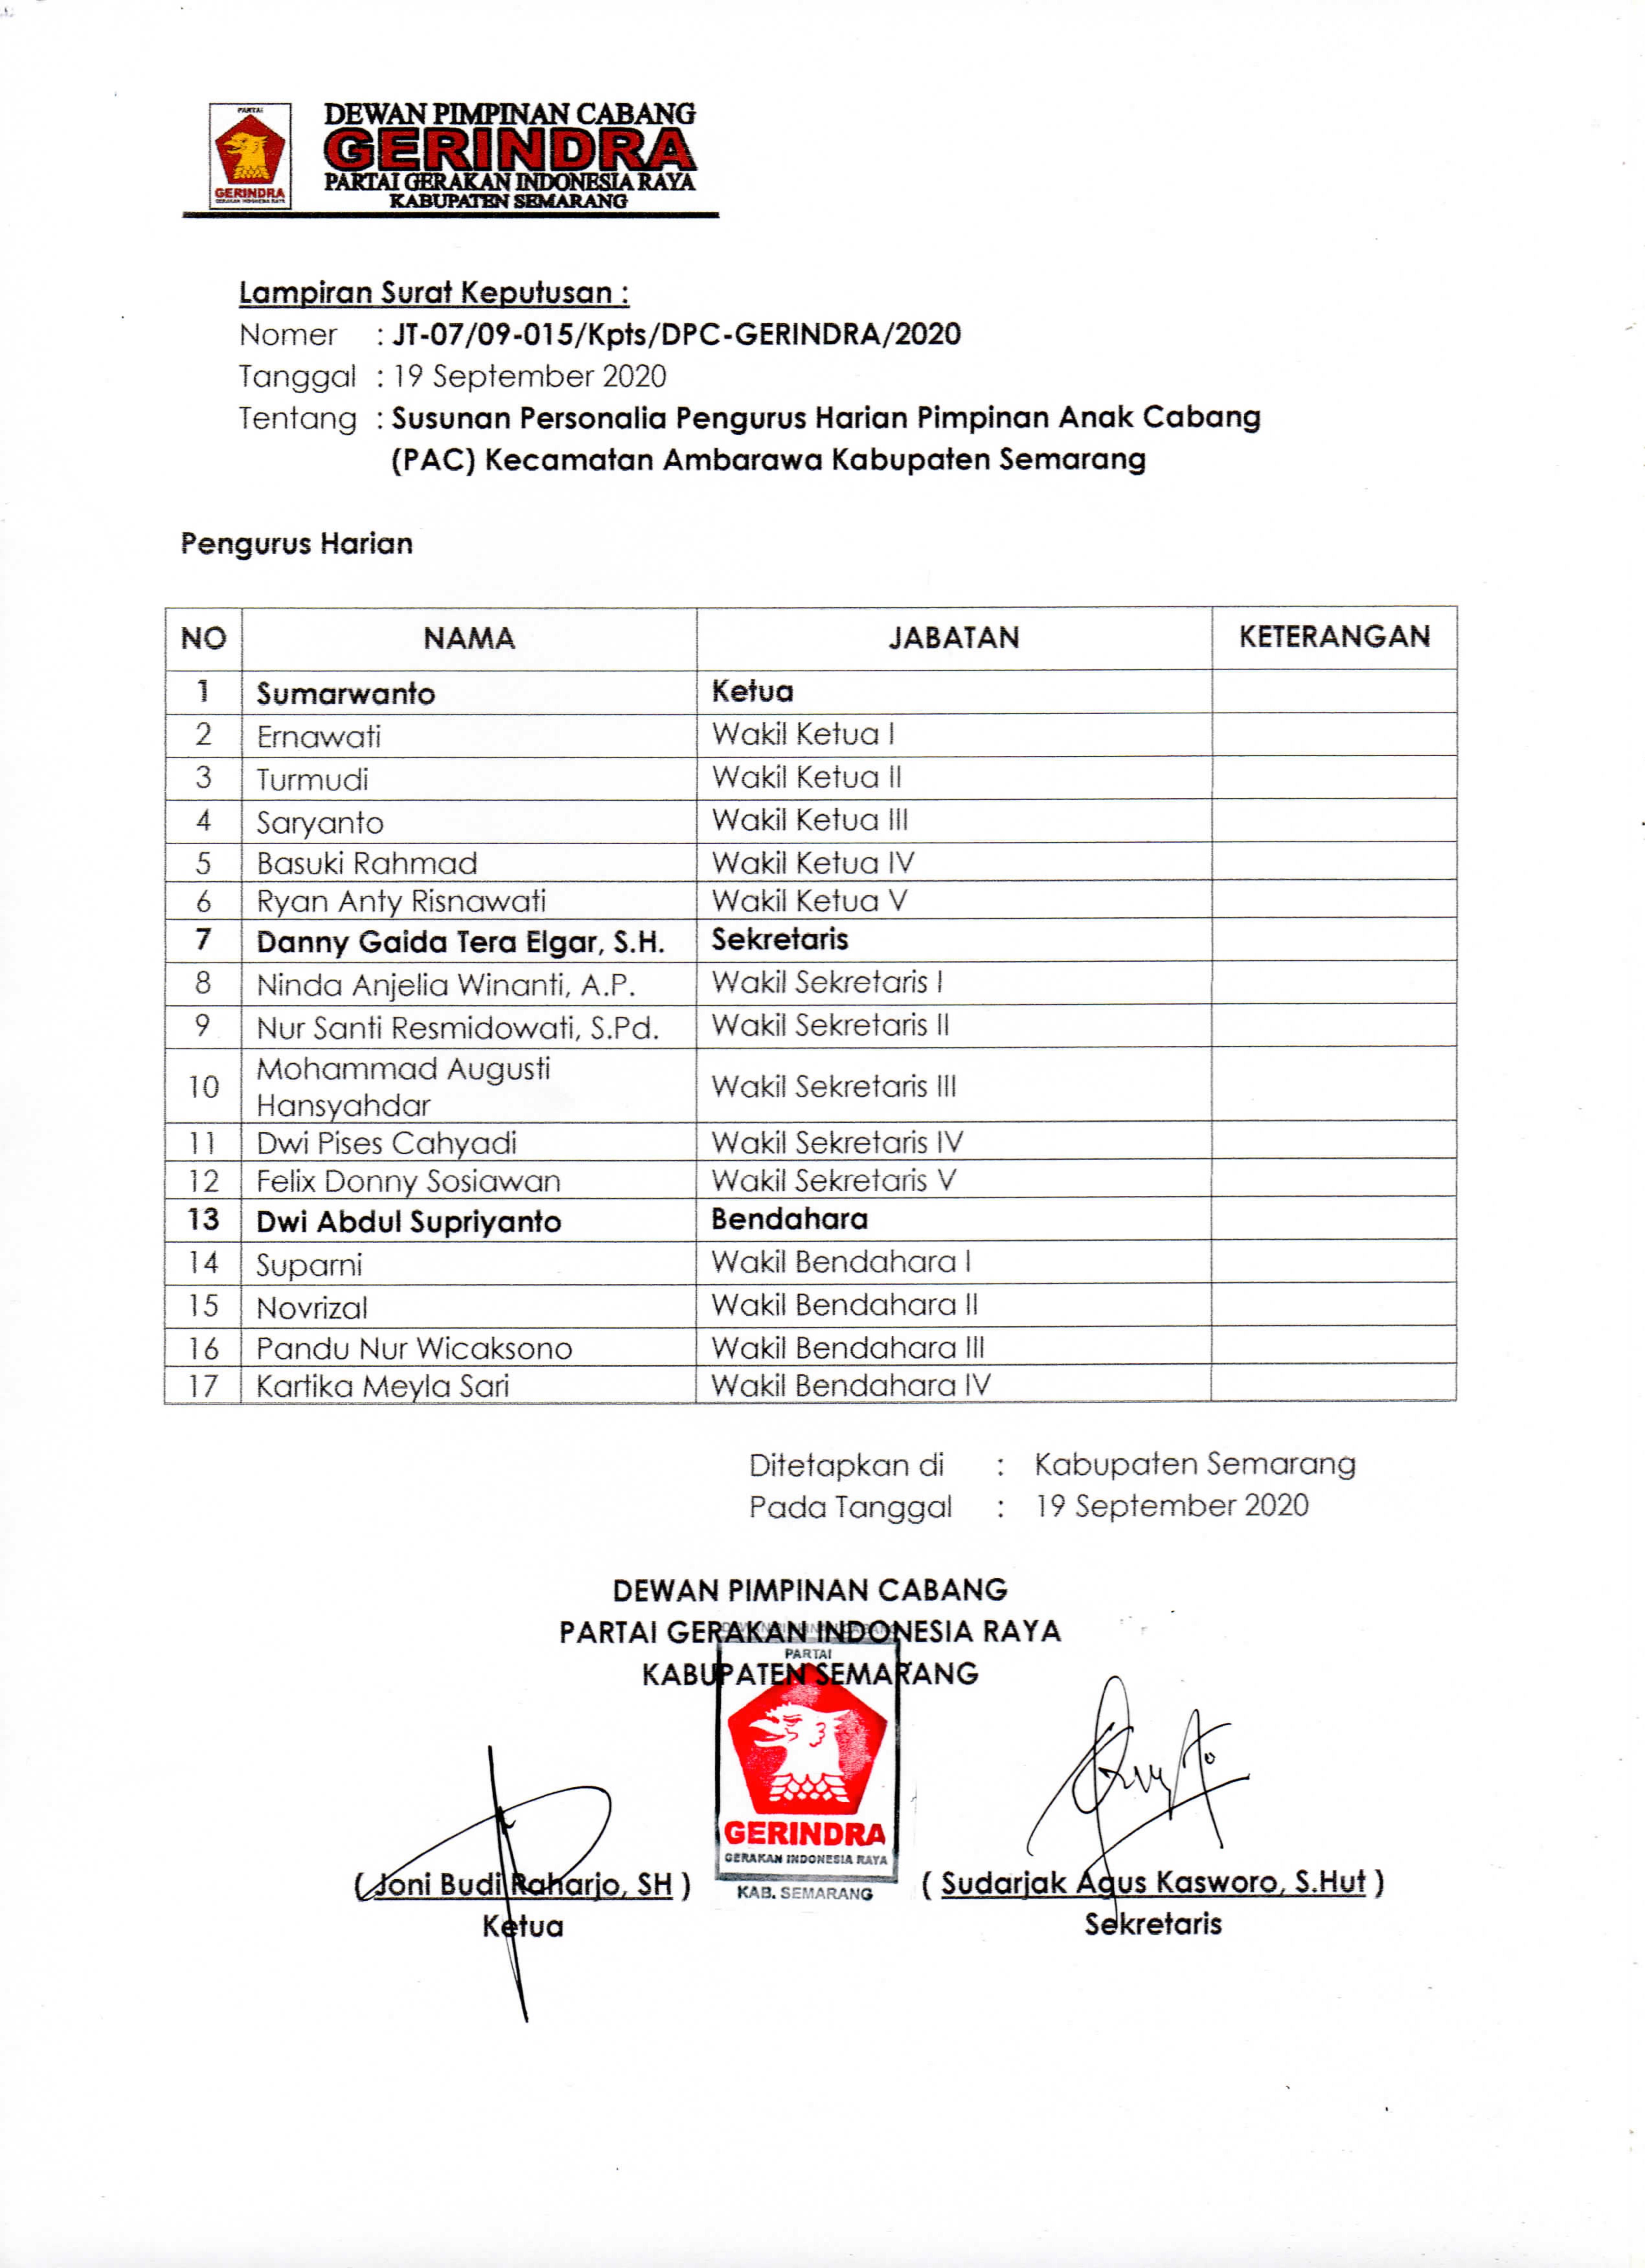 Daftar Nama Pengurus PAC Partai Gerindra Ambarawa, Kabupaten Semarang, Jawa Tengah